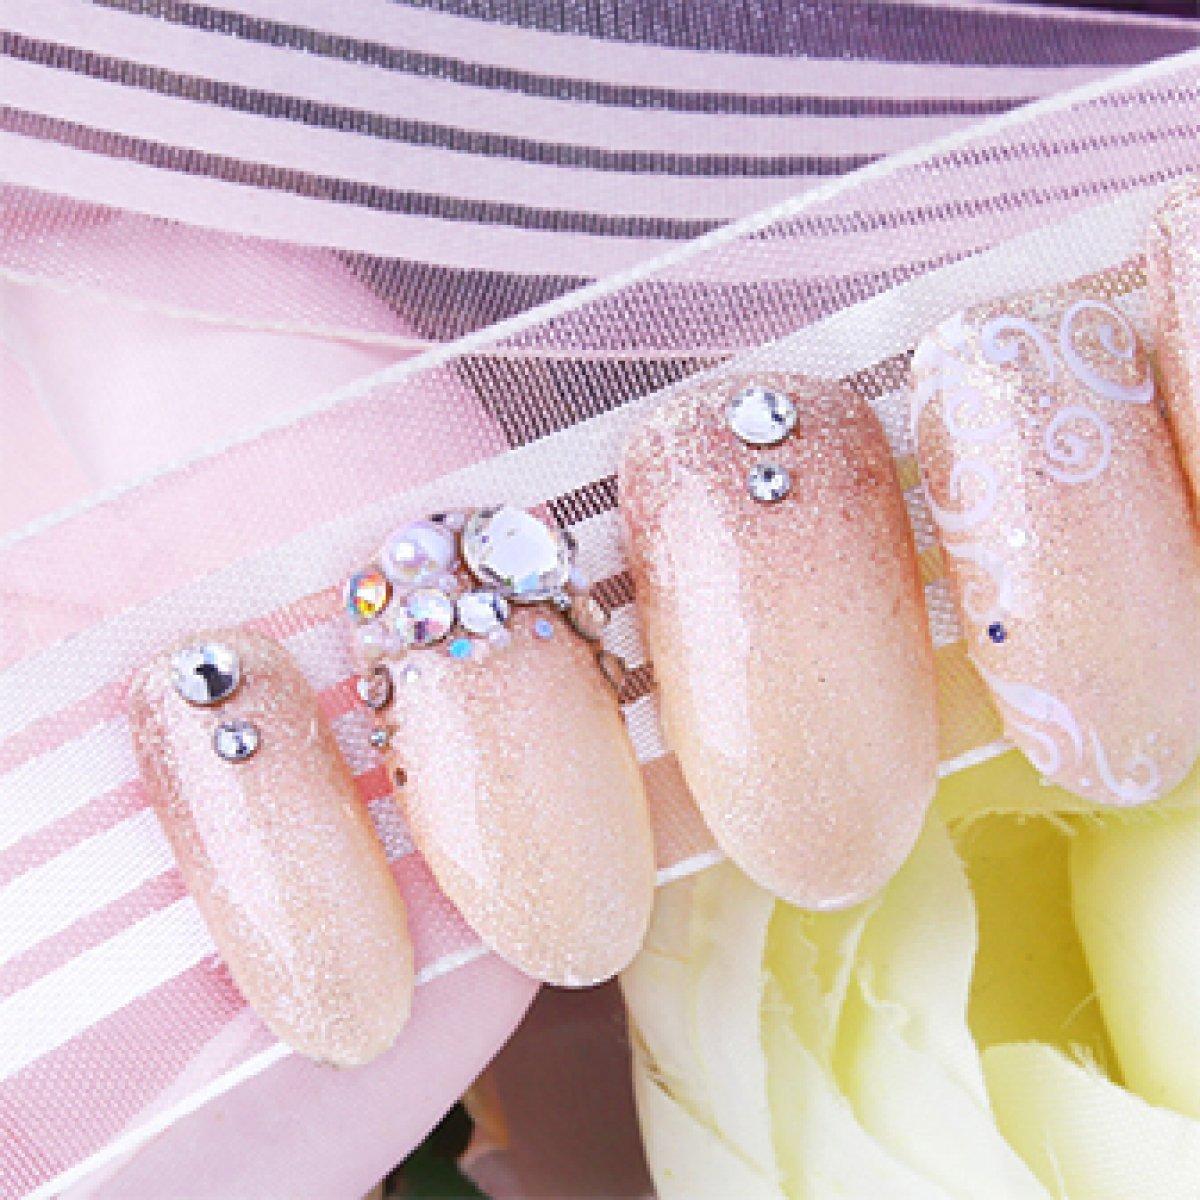 Τεχνητά νύχια | Mymegamarket.gr